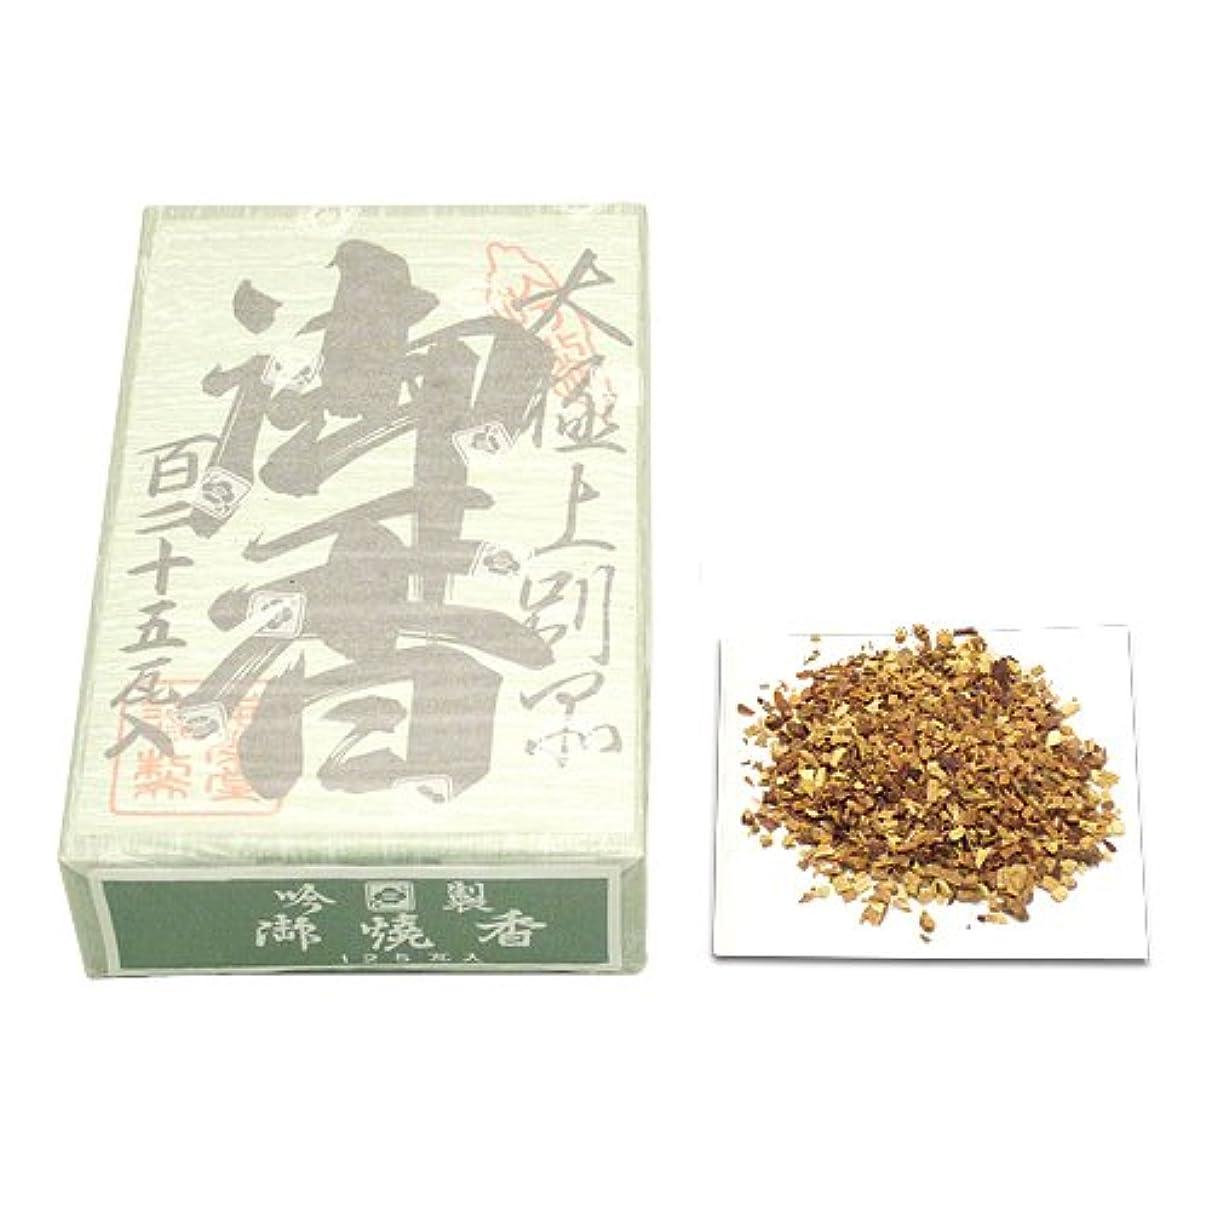 感染するはねかけるビザ焼香用御香 瑞薫印 125g◆お焼香用の御香